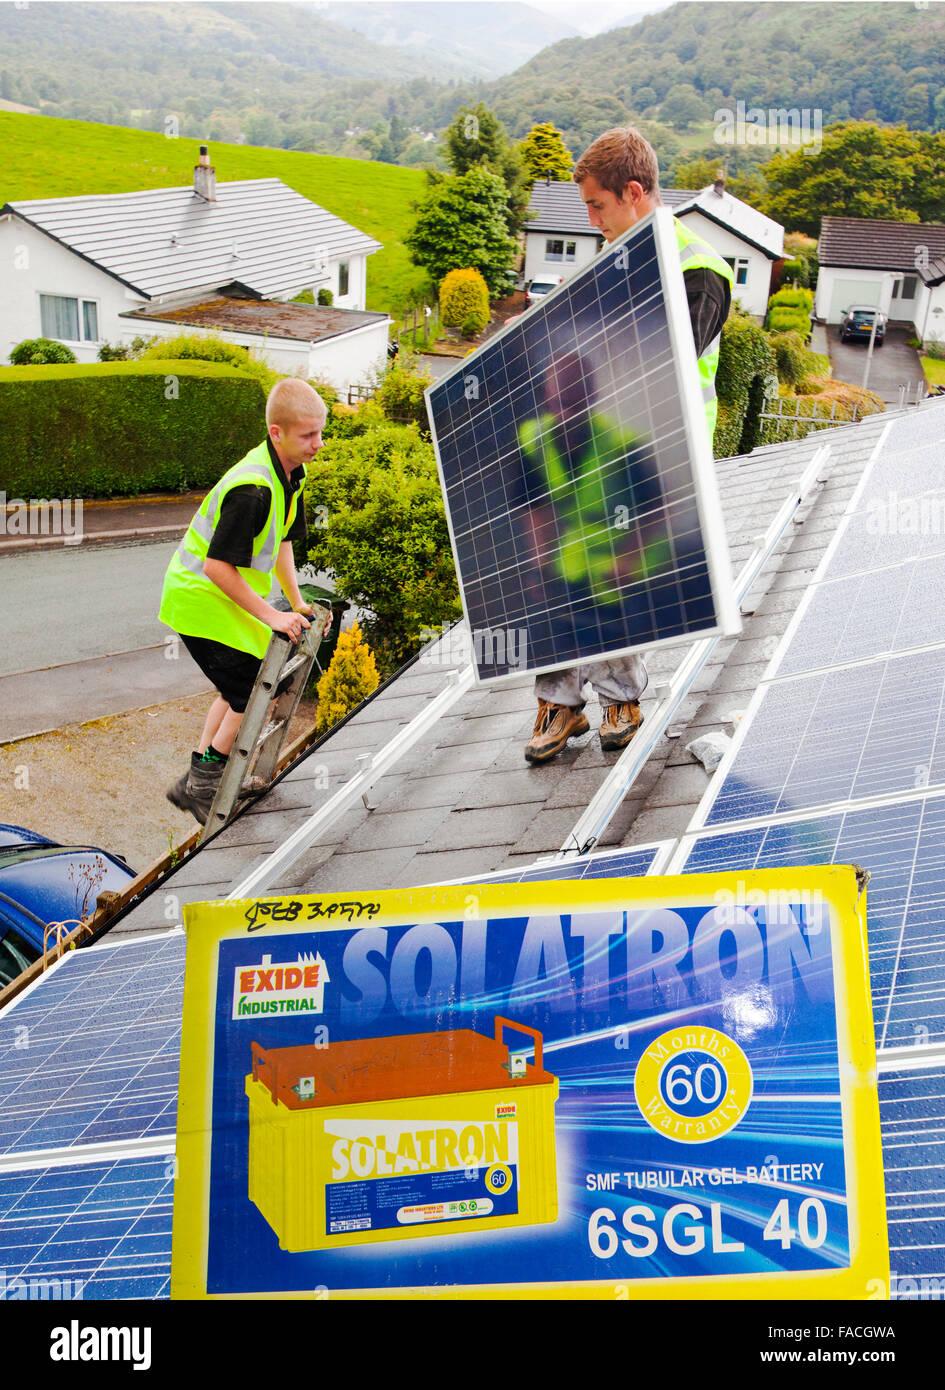 I tecnici di montaggio foto solare fotovoltaica in pannelli per la mia casa tetto in Ambleside, Cumbria. Sebbene Immagini Stock